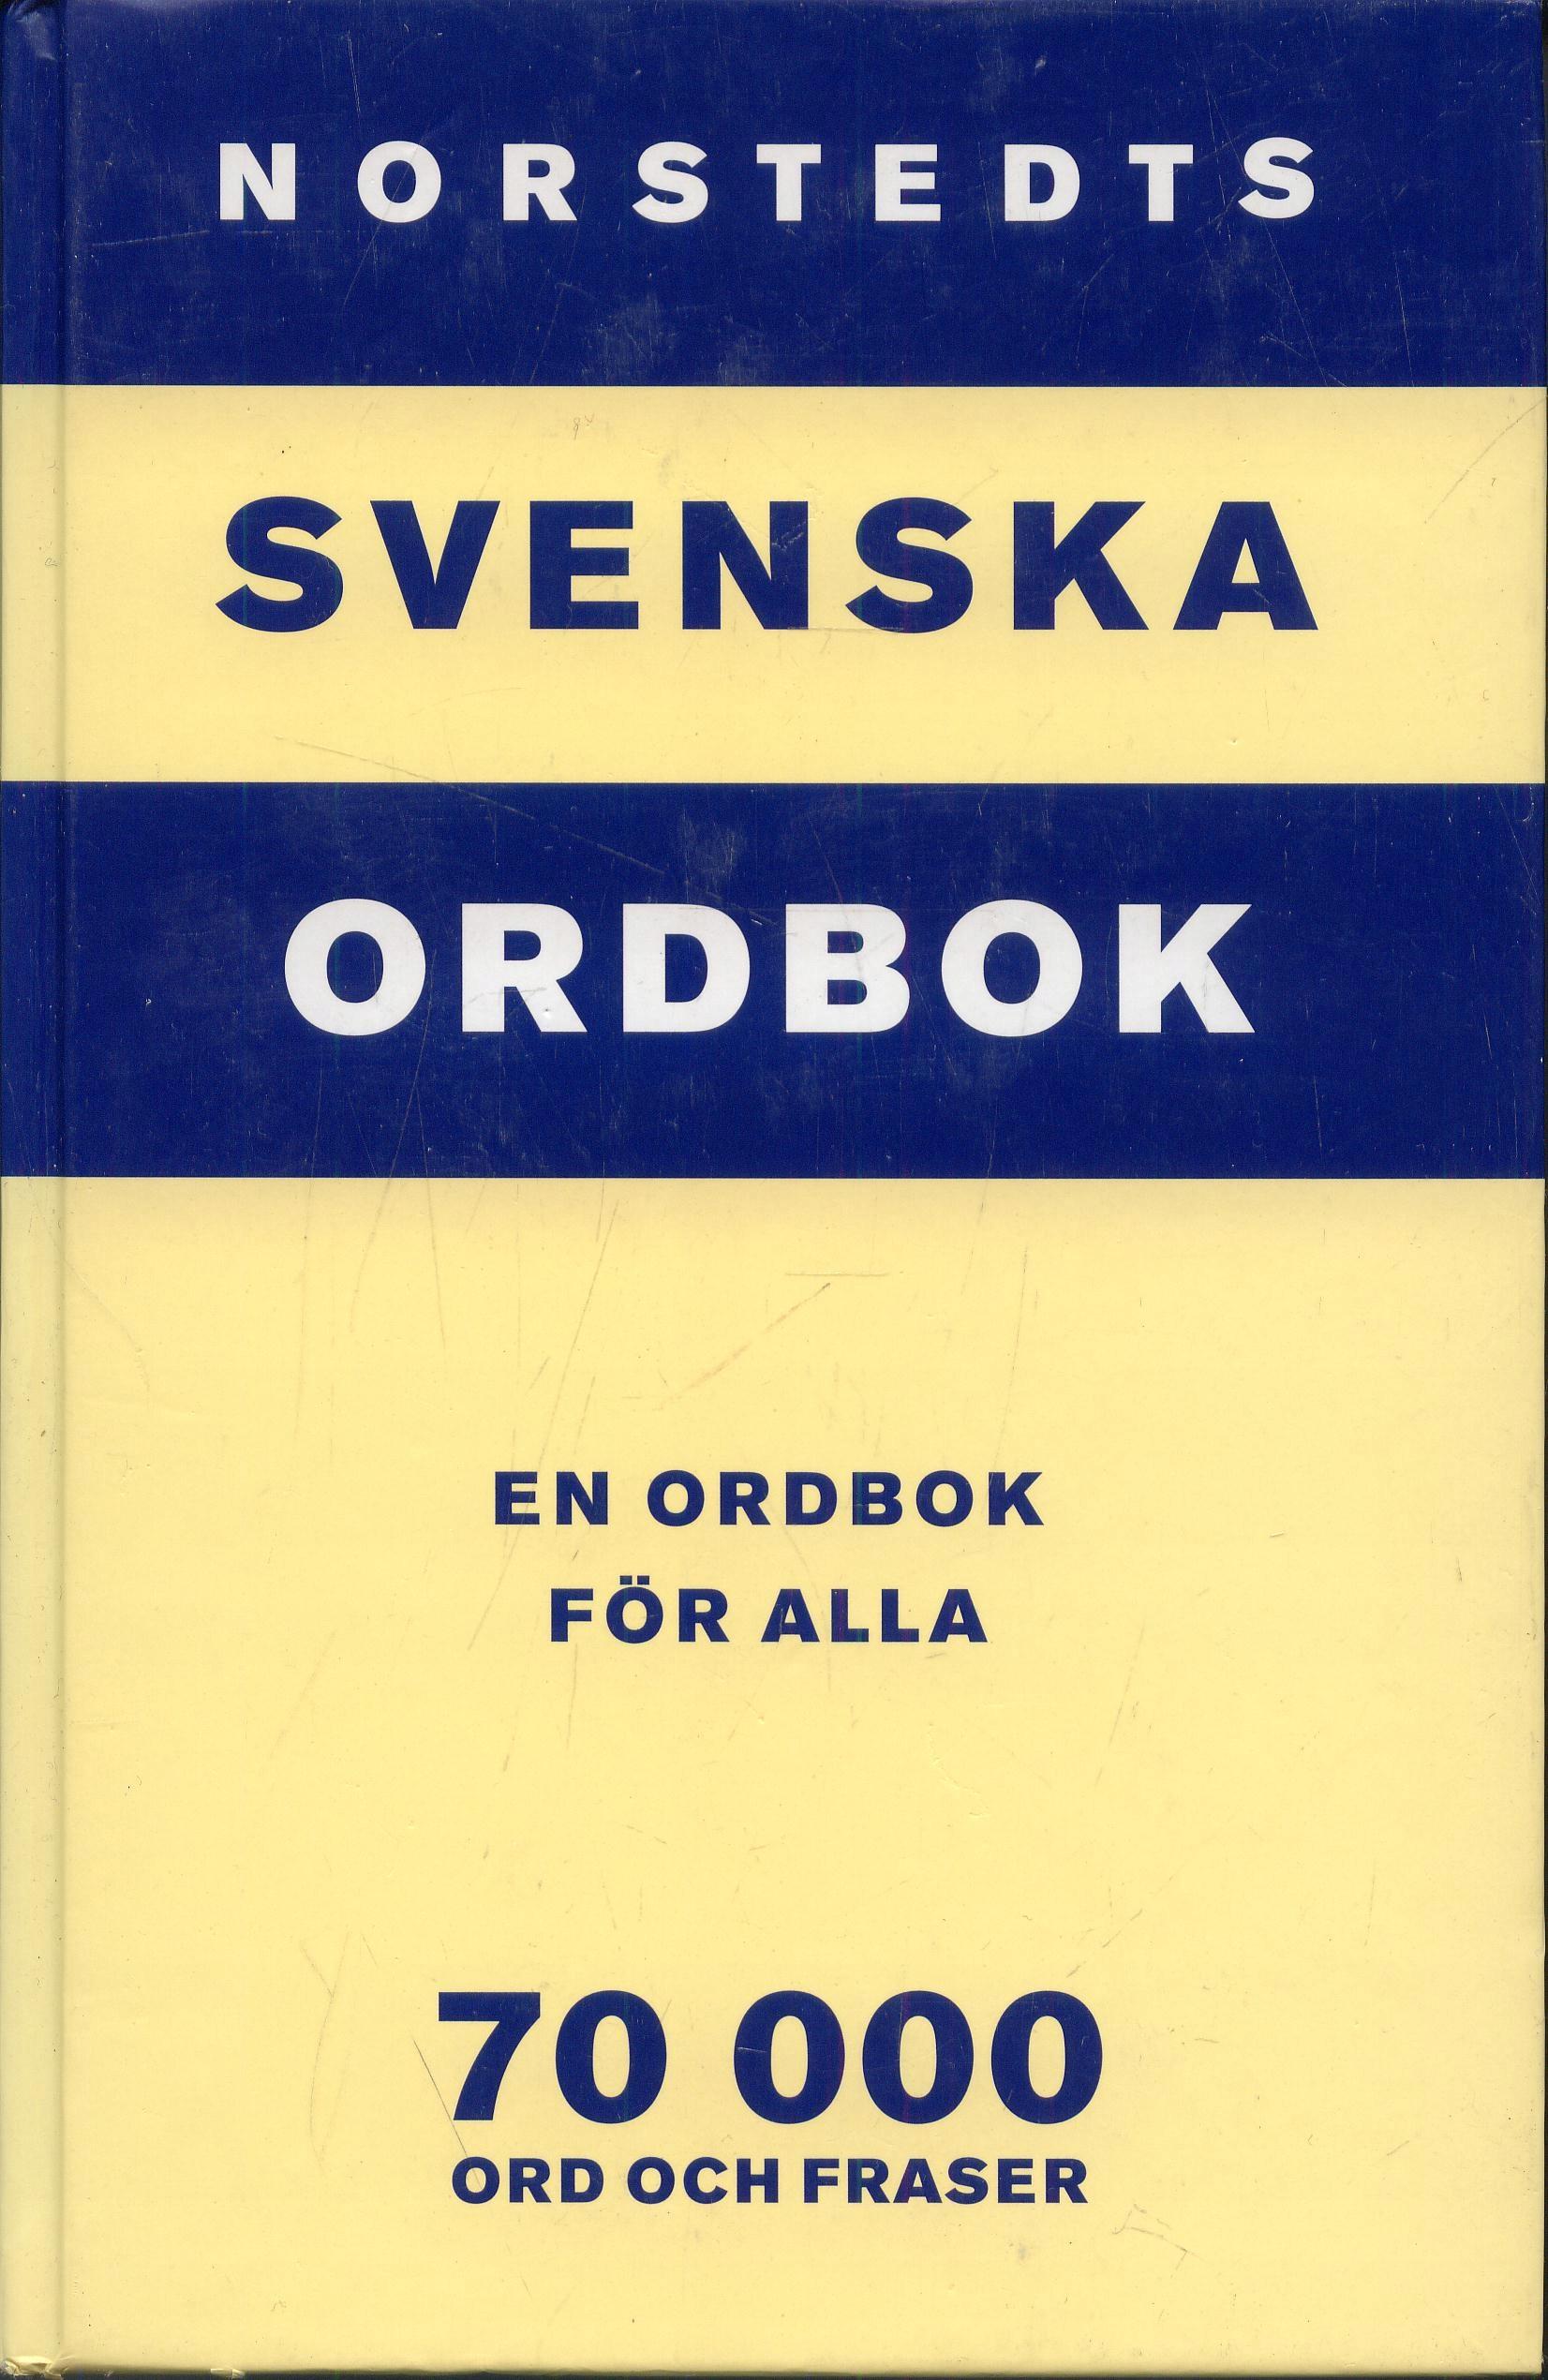 ATS - Norstedts svenska ordbok En ordbok for alla